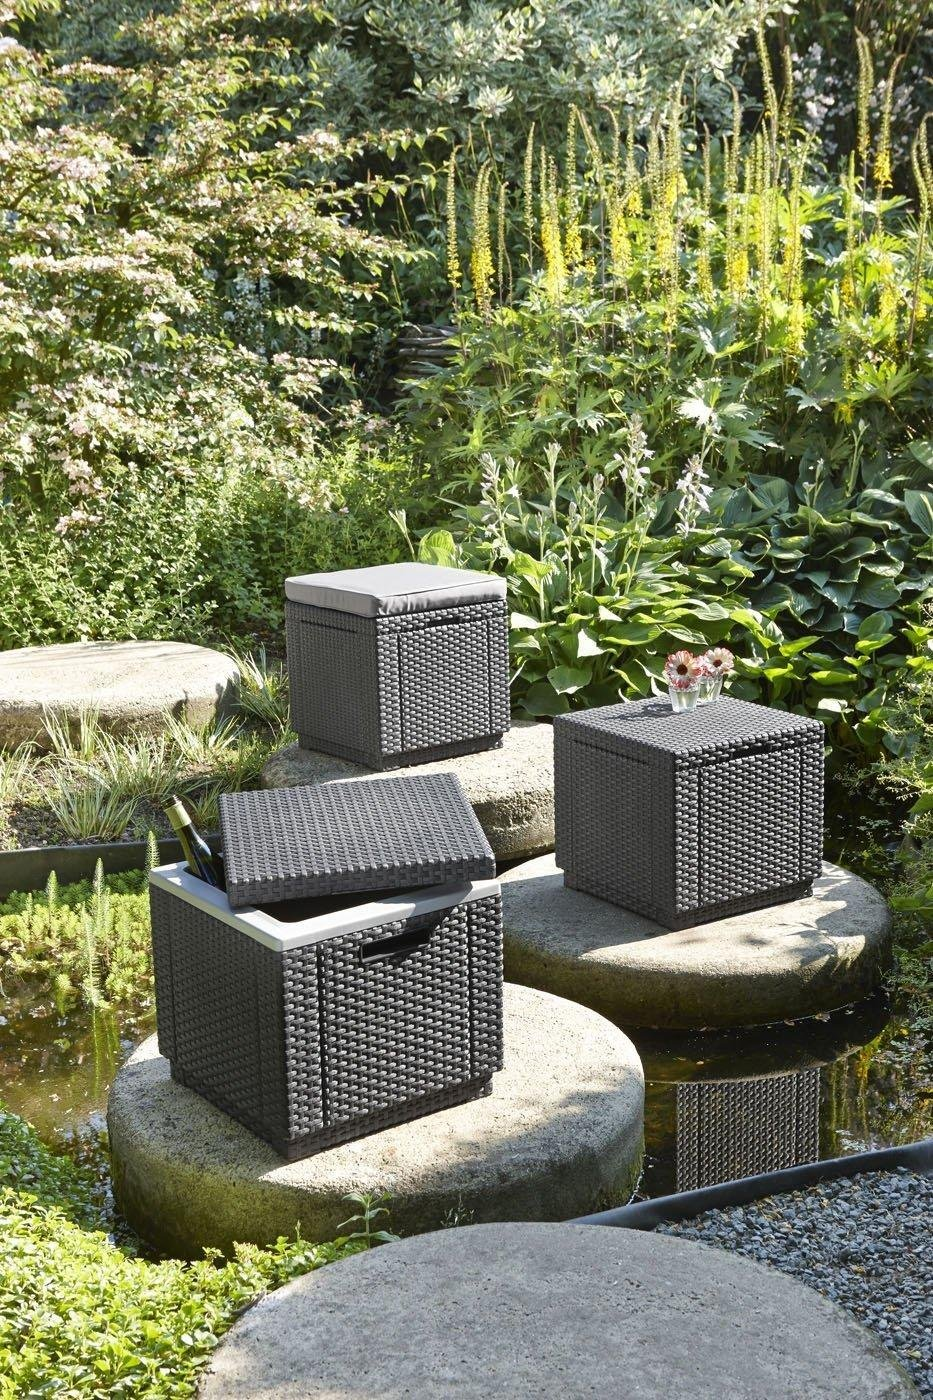 Keter Rattan Ice Cooler Bucket Box Outdoor Garden